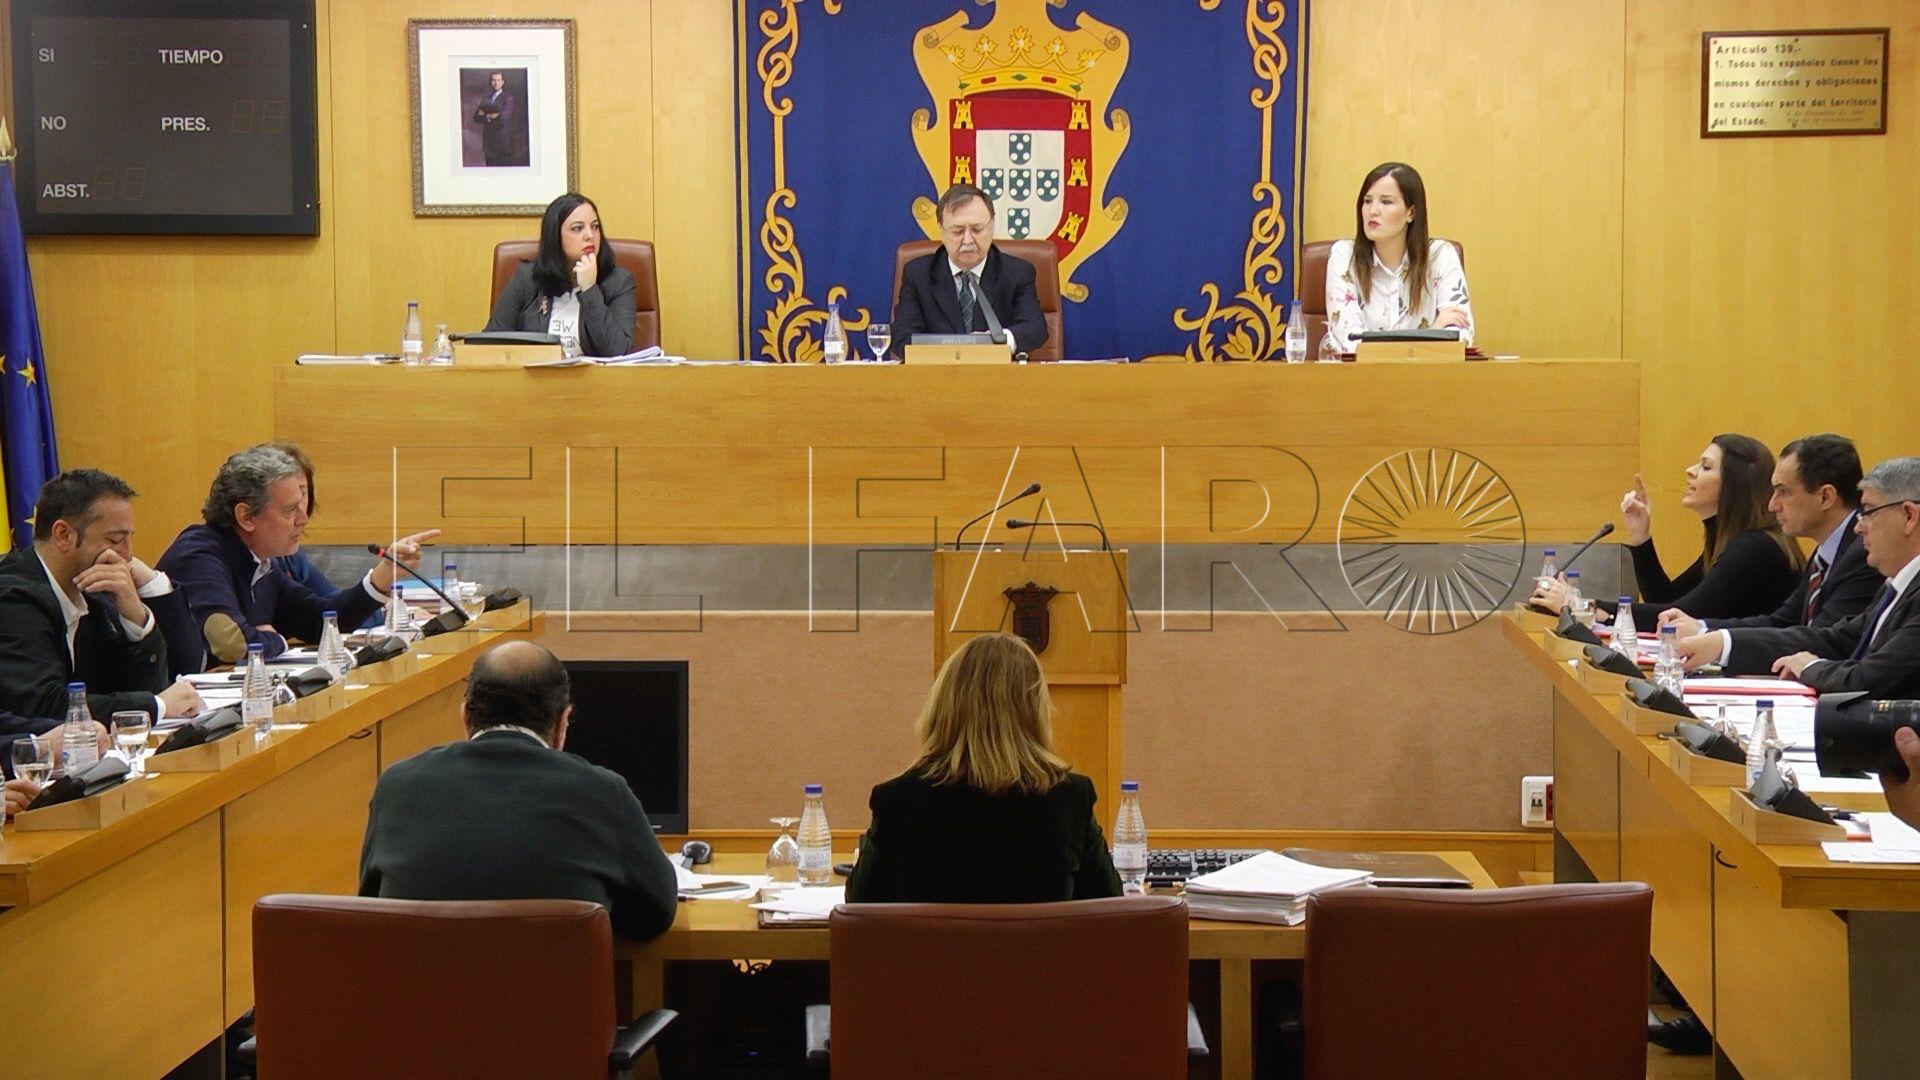 """Carreira llama """"sinvergüenza"""" a Nuria Miaja que le acusó de vivir en Málaga"""